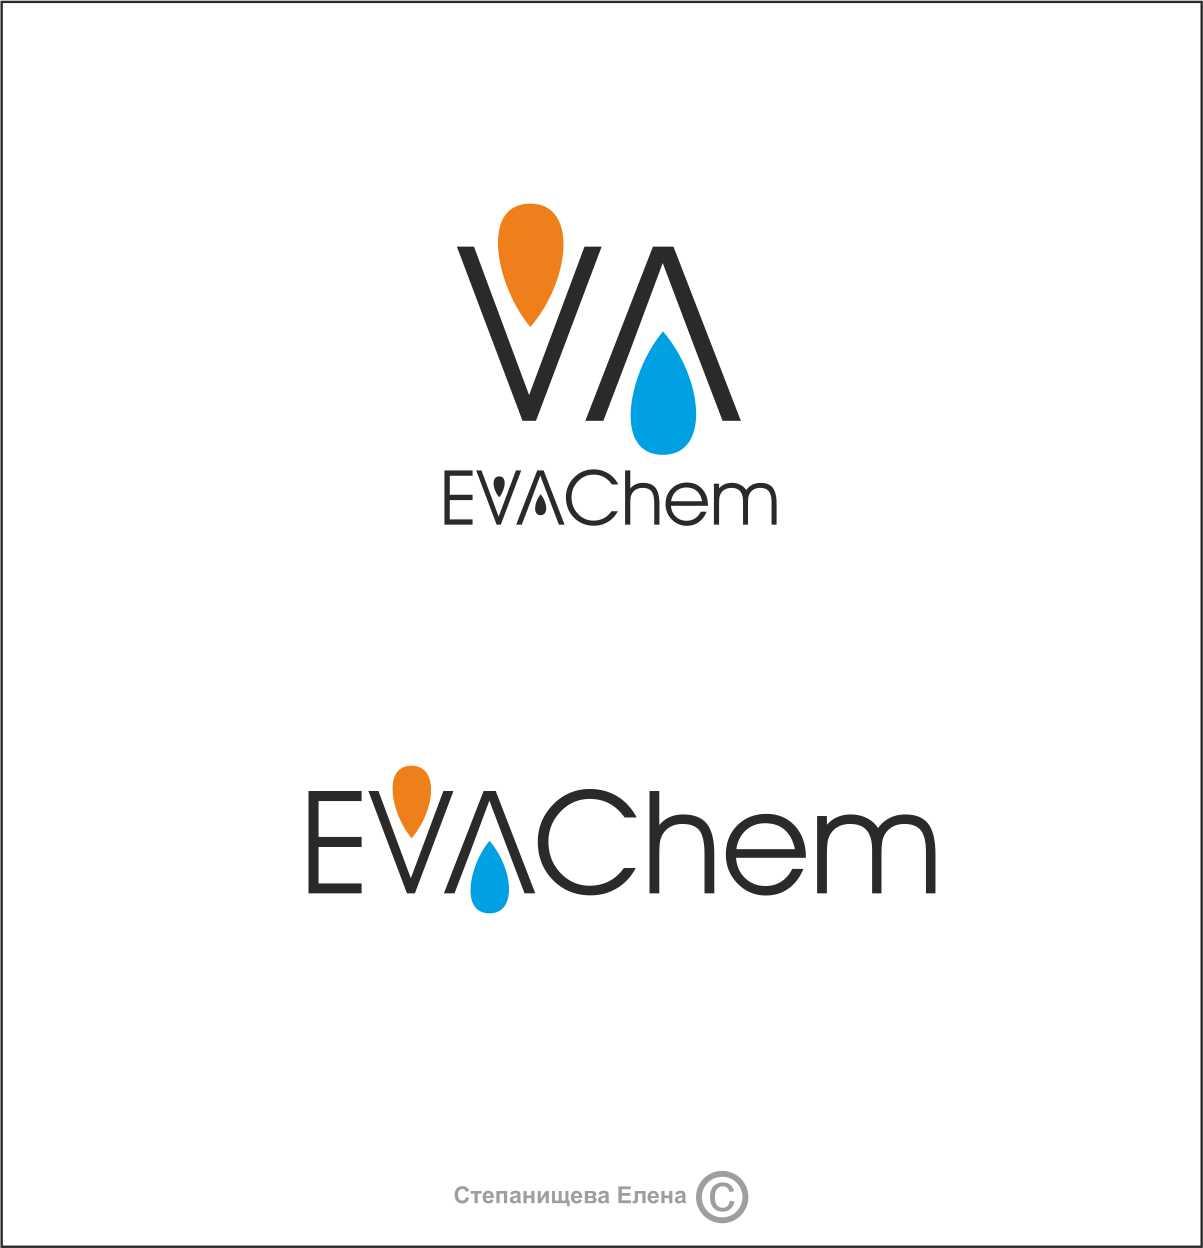 Разработка логотипа и фирменного стиля компании фото f_906572374f36f891.jpg